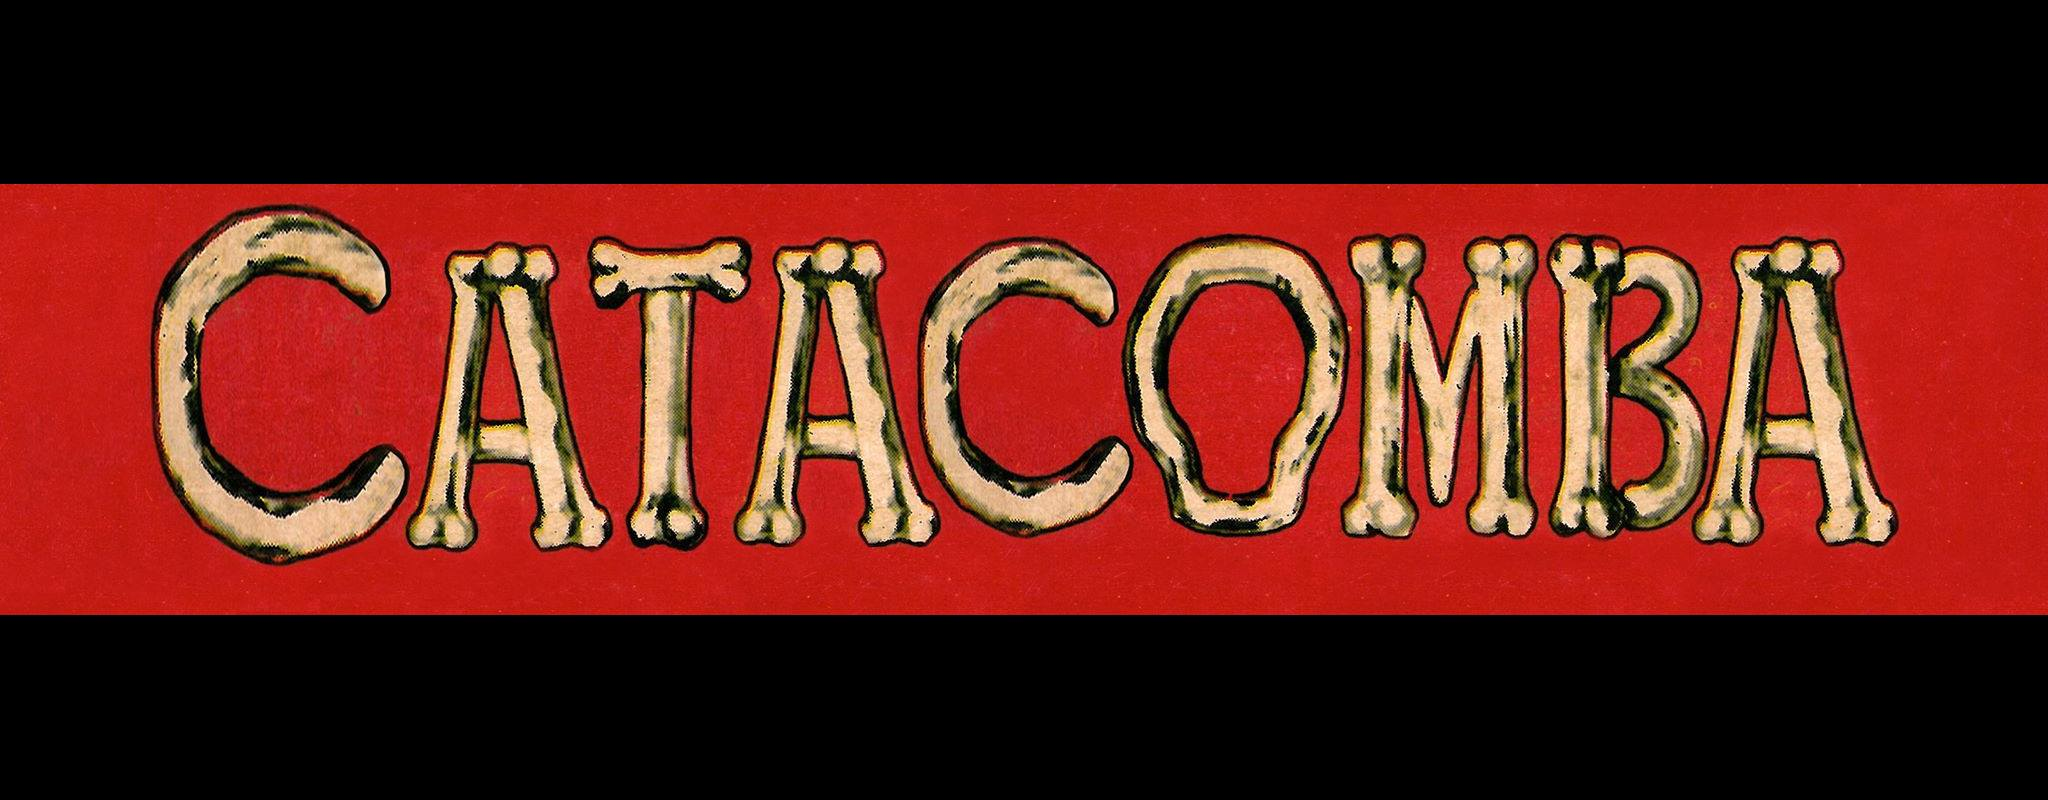 Nel palinsesto dell'imminente Fantafestival che si terrà a Roma la prossima settimana, vedremo un film che sta già facendo parlare di se, sto parlando di CATACOMBA l'horror diretto da Lorenzo […]